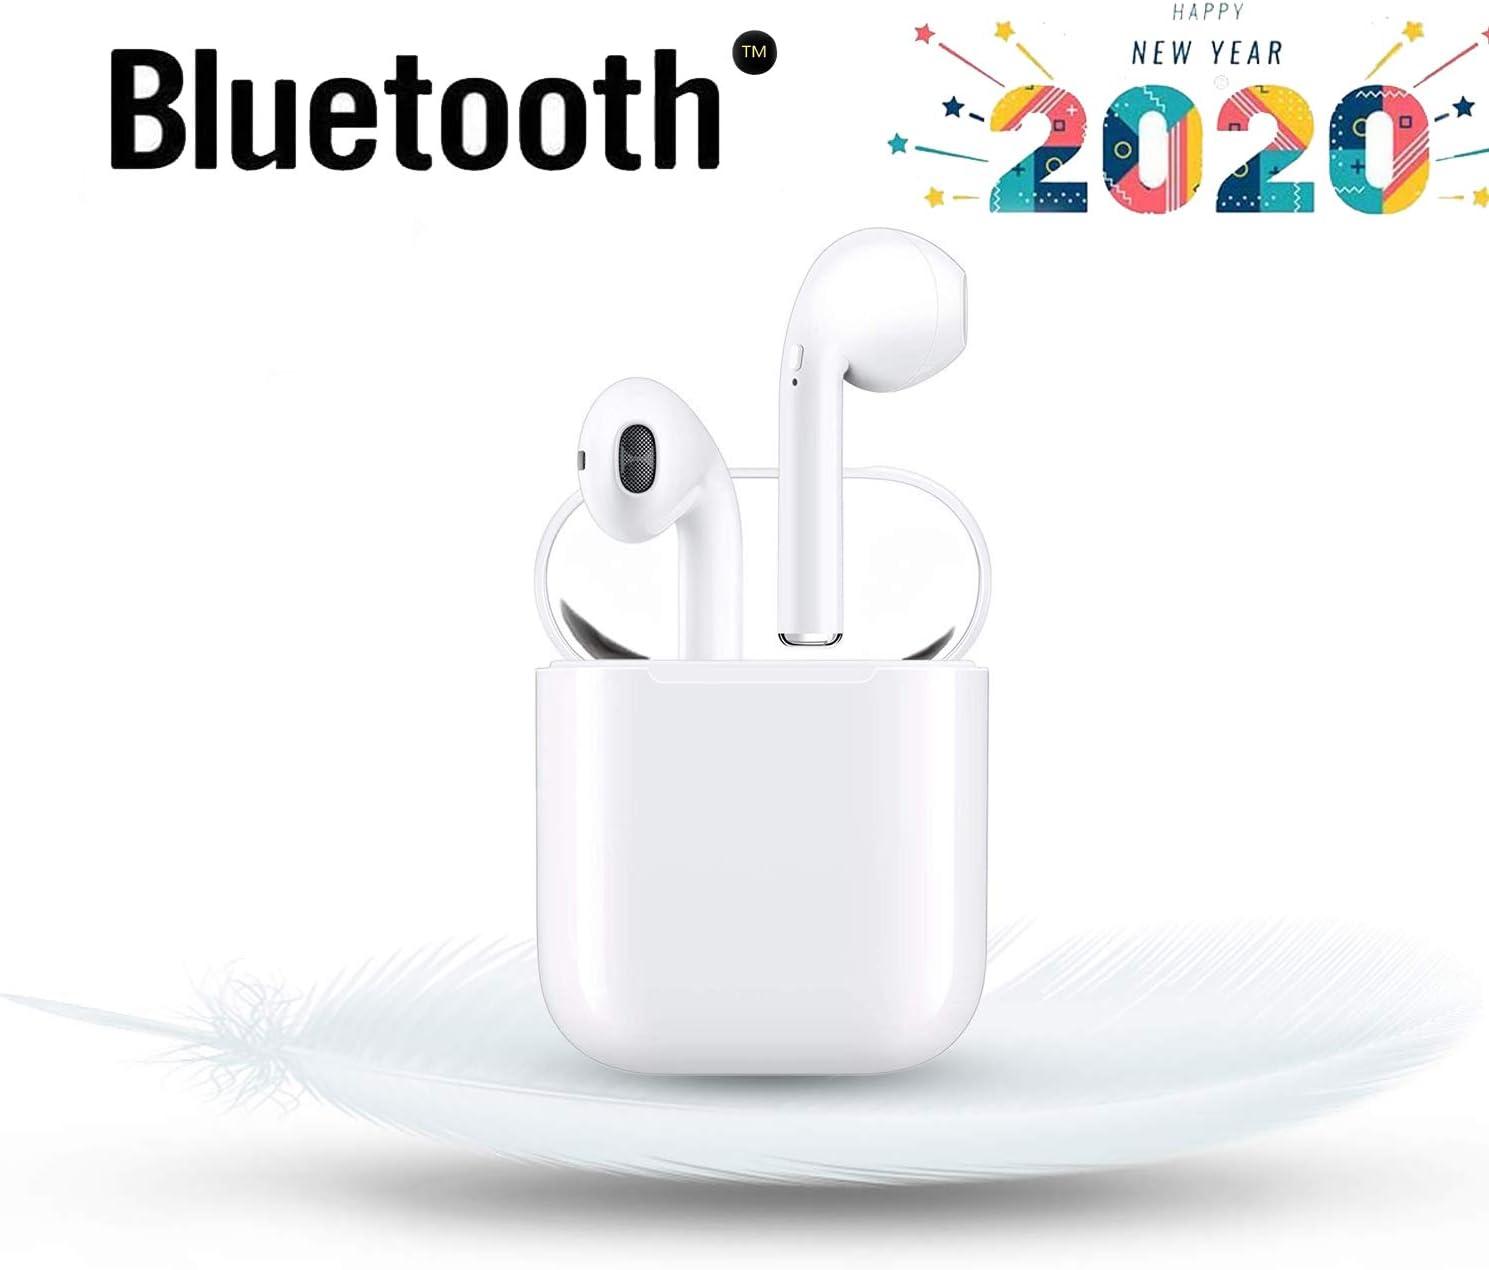 Auriculares internos Bluetooth 5.0, Auriculares inalámbricos con Control táctil, micrófono Incorporado y Caja de Carga, reducción de Ruido 3D HD, adecuados para Android/AirPods/Huawei/iPhone